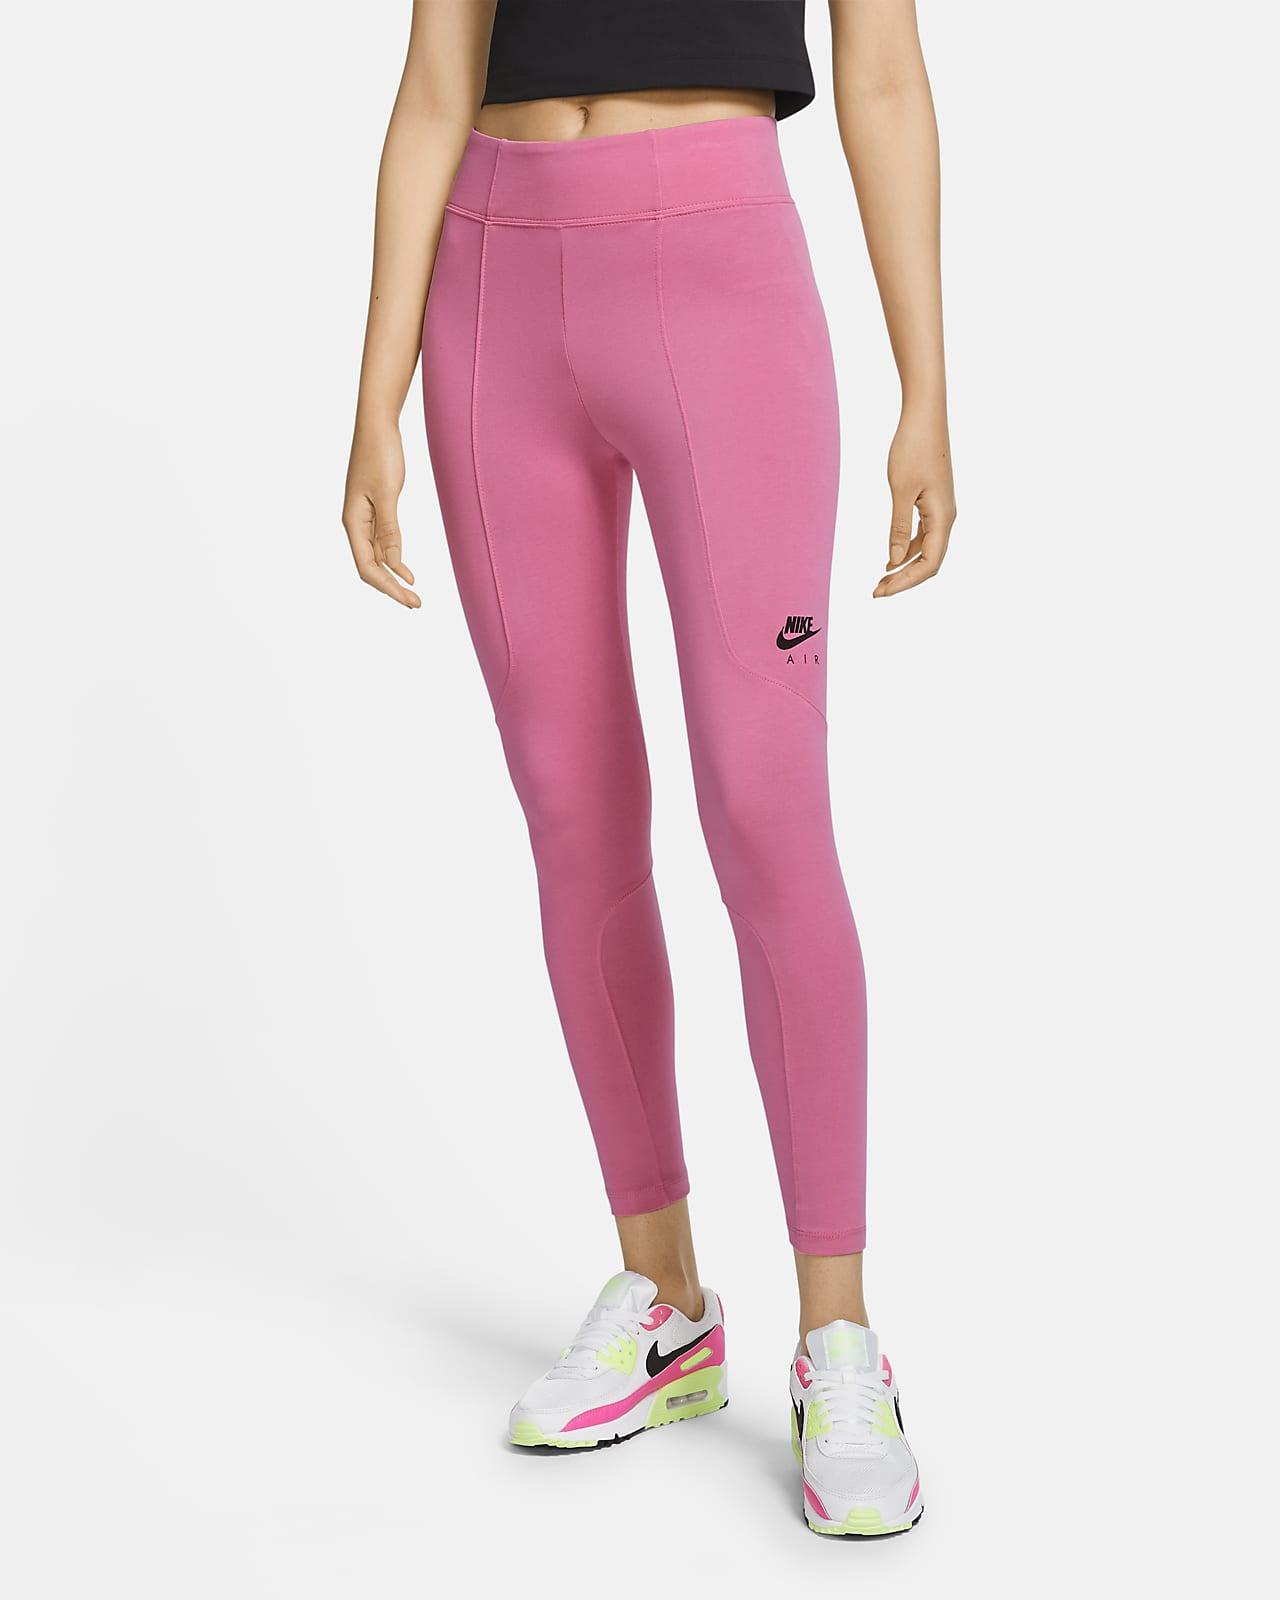 Nike Air Women's 7/8 Leggings